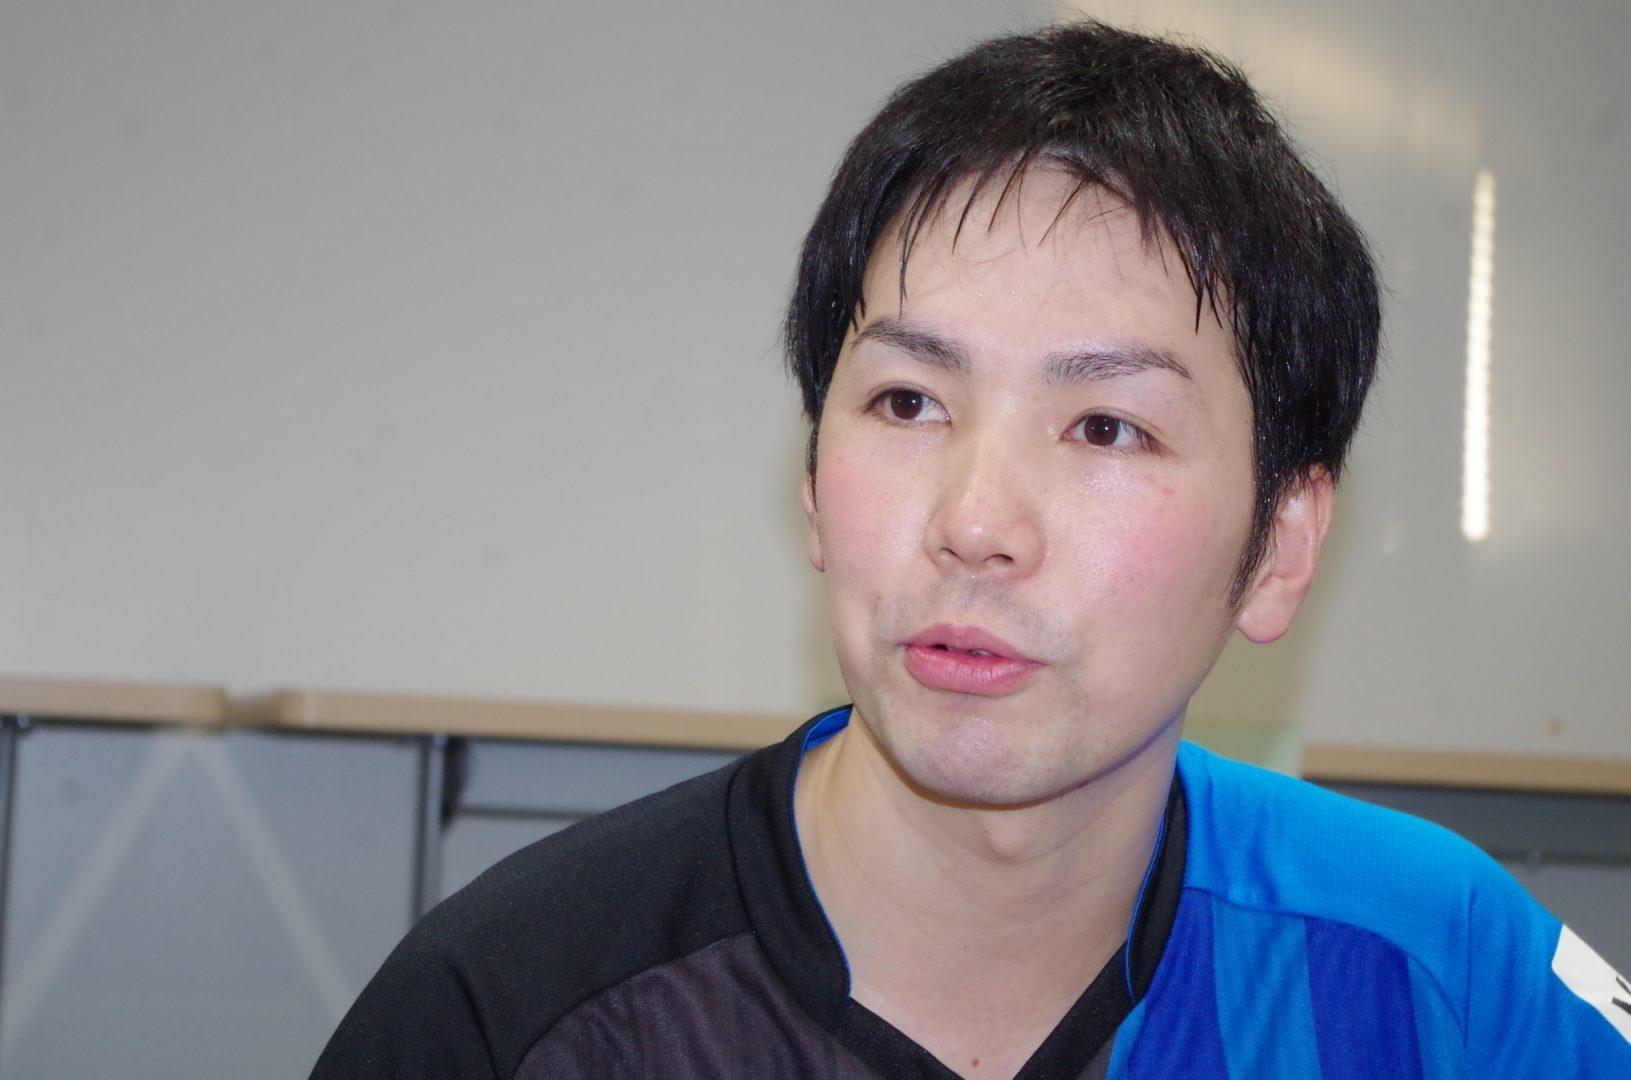 シチズン卓球部の御内、上村、町が語る「仕事×卓球」両立の秘訣とは?<密着 シチズン卓球部#2>